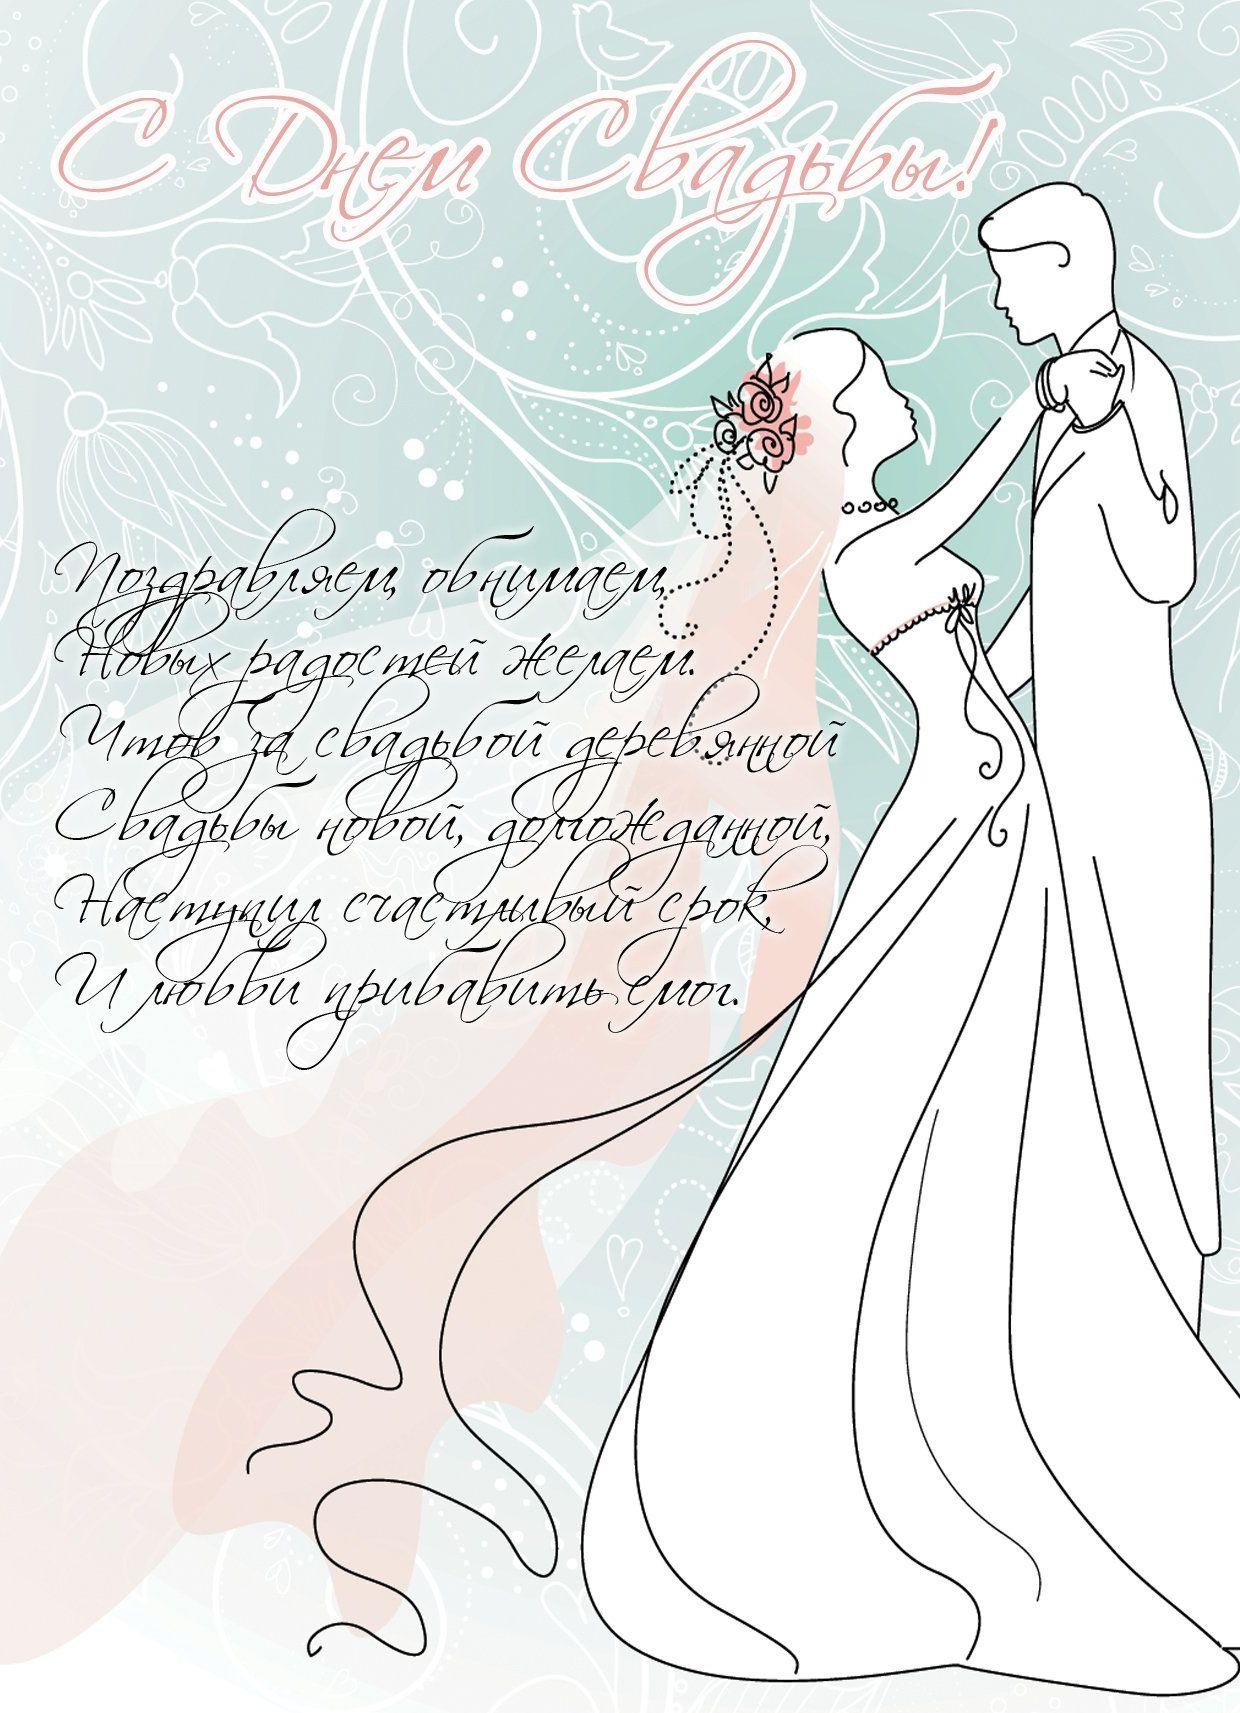 Легкое поздравление со свадьбой 82